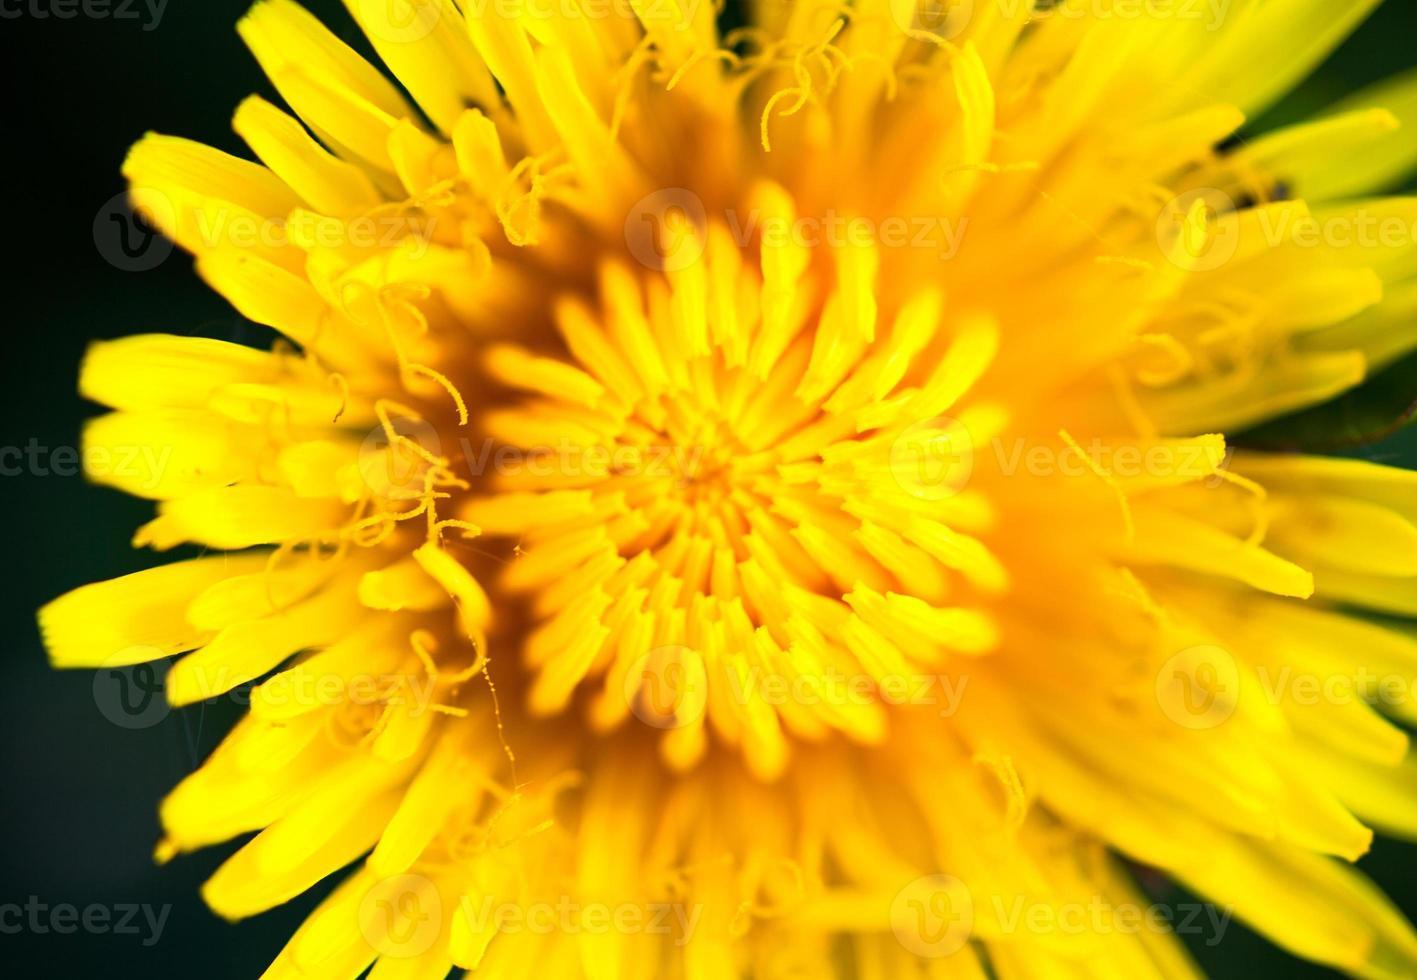 Primer plano de la flor amarilla flor de diente de león foto